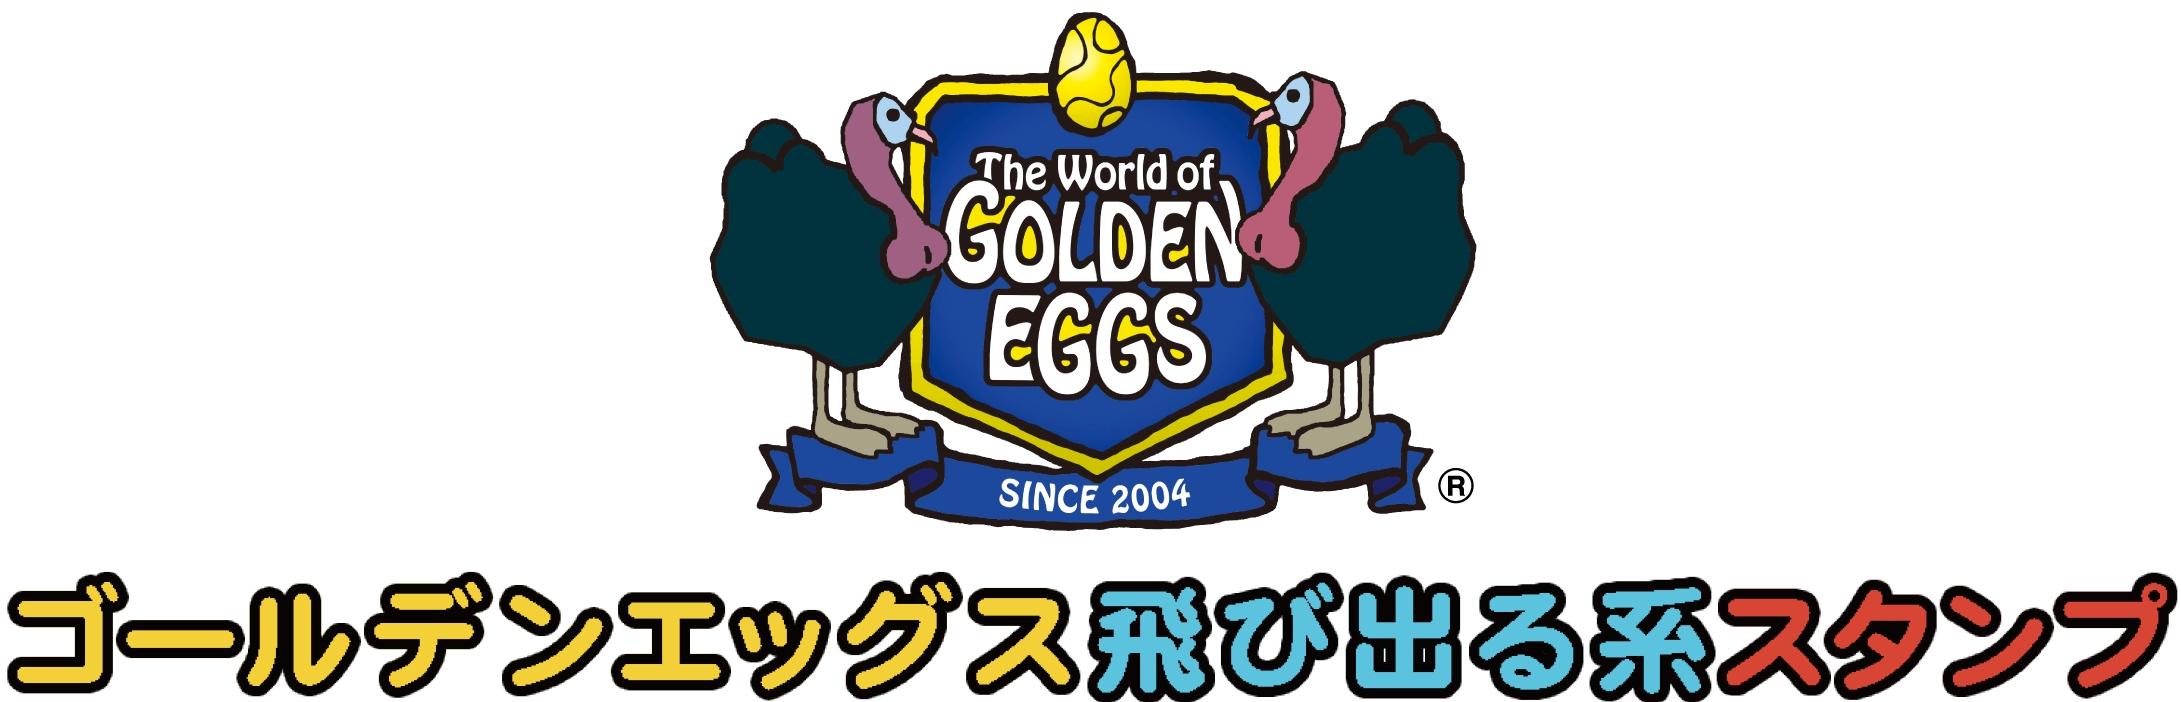 『ゴールデンエッグス』新作スタンプが「人気総合」ランキング第1位!